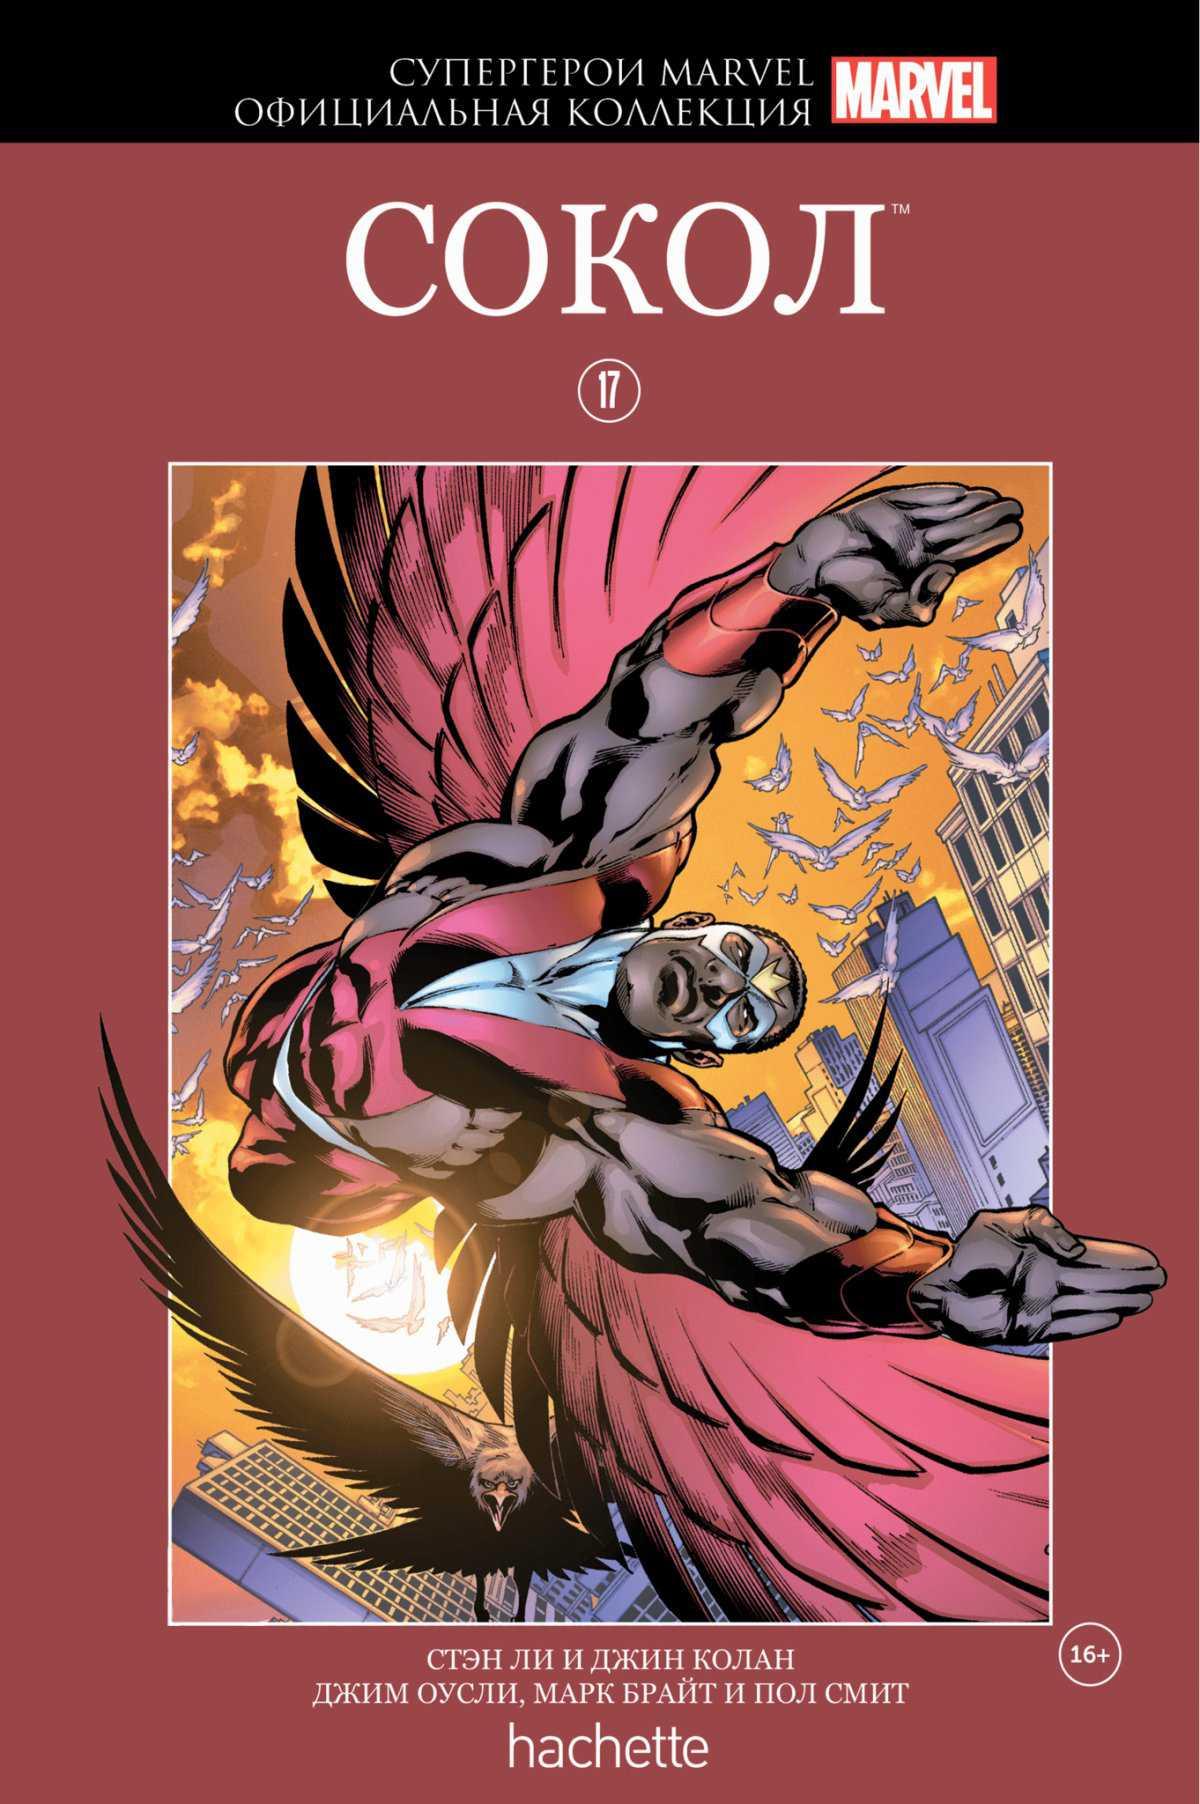 Hachette Официальная коллекция комиксов Супергерои Marvel: Сокол. Том 17 фото